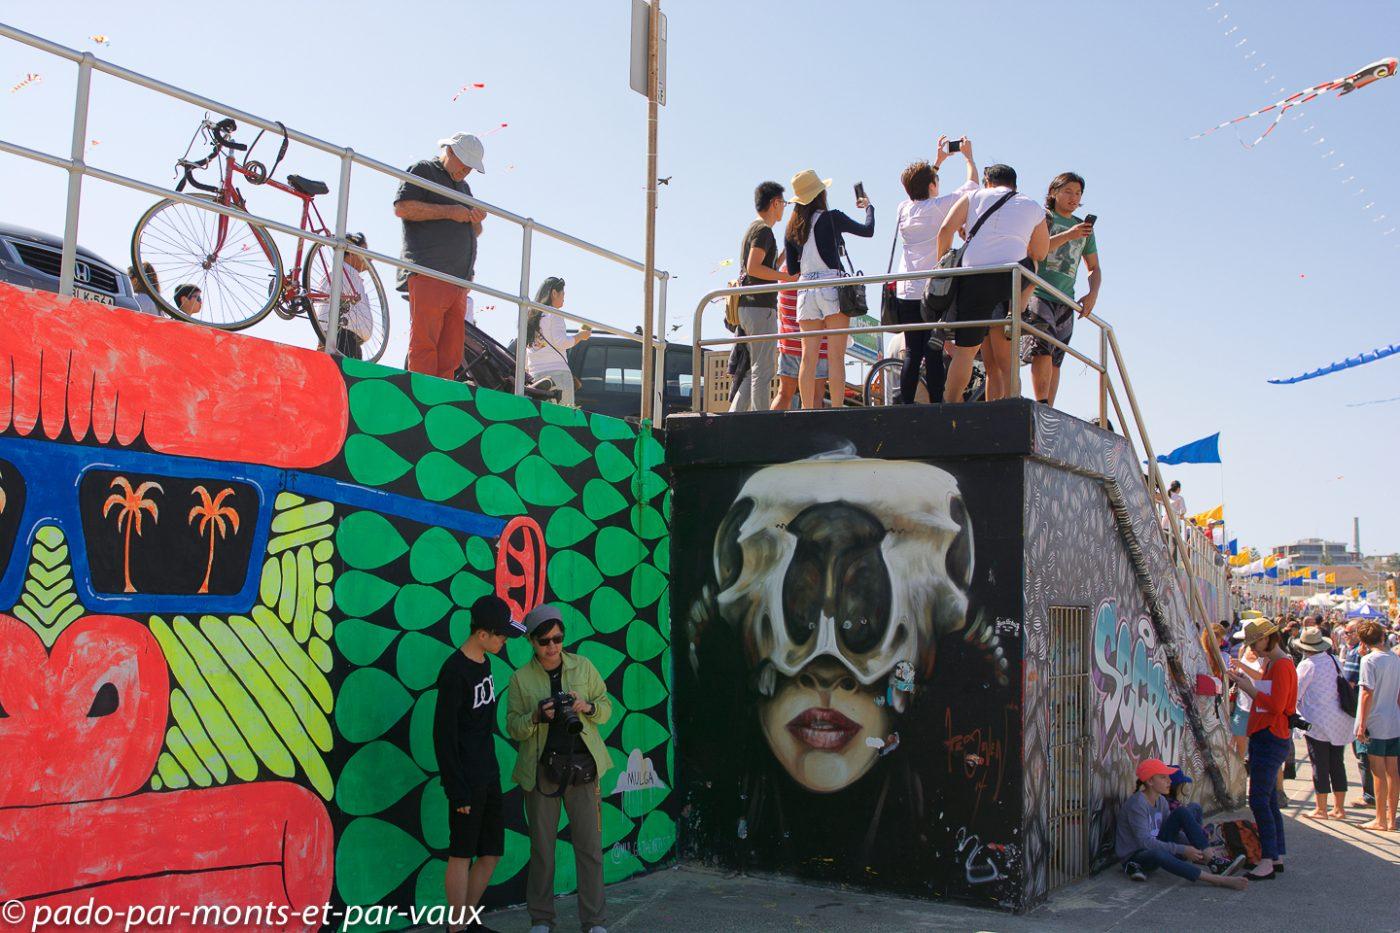 Street art Sydney - Bondy